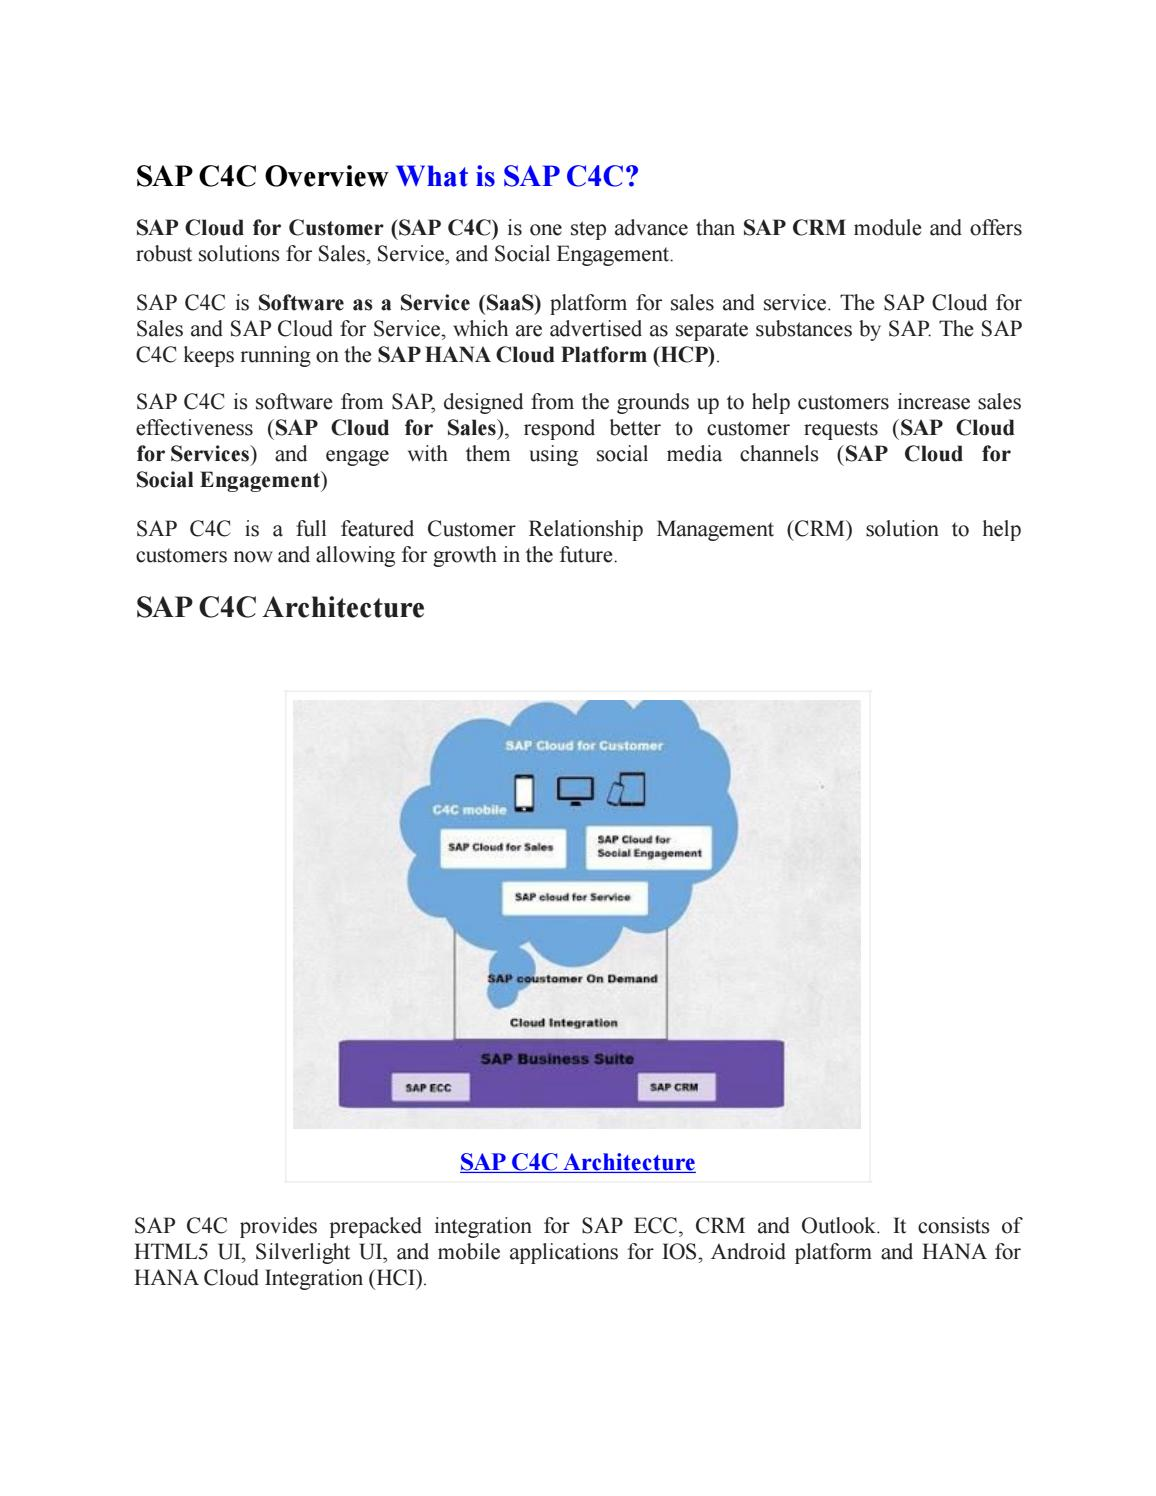 SAP C4C PPT by shruti allentics - issuu